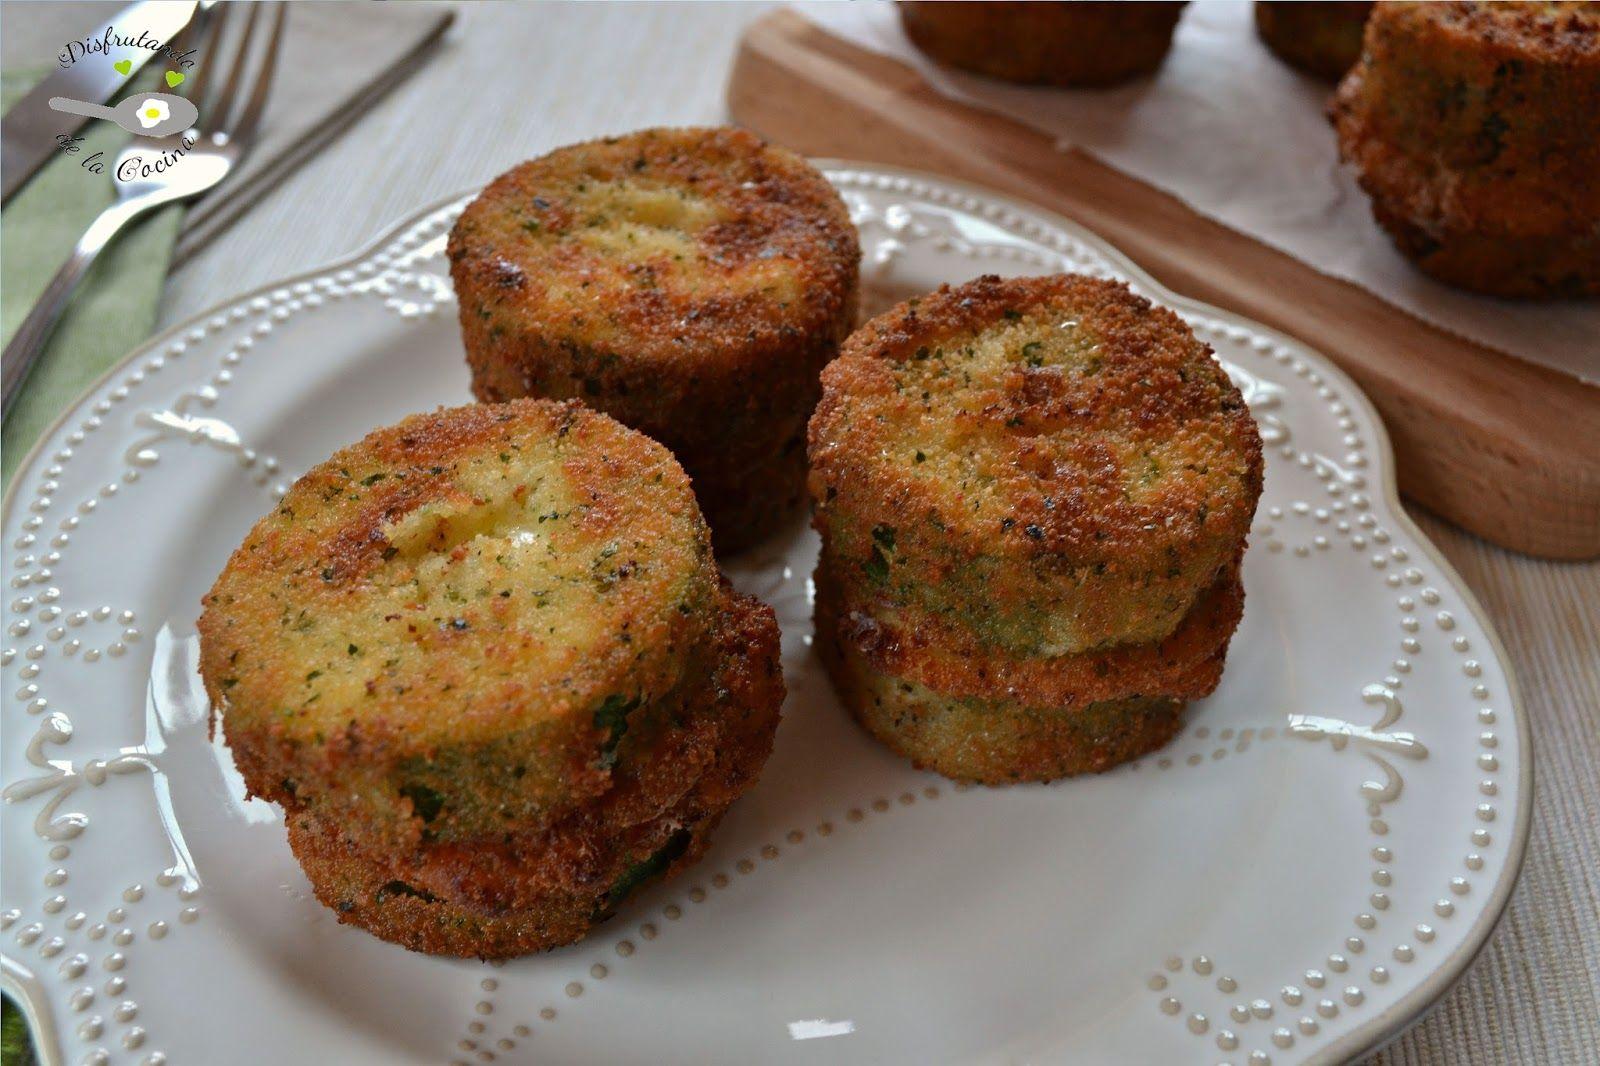 Comparte Recetas Bocaditos De Calabacin Con Jamon Y Queso Bocados Jamón Y Queso Recetas De Cocina